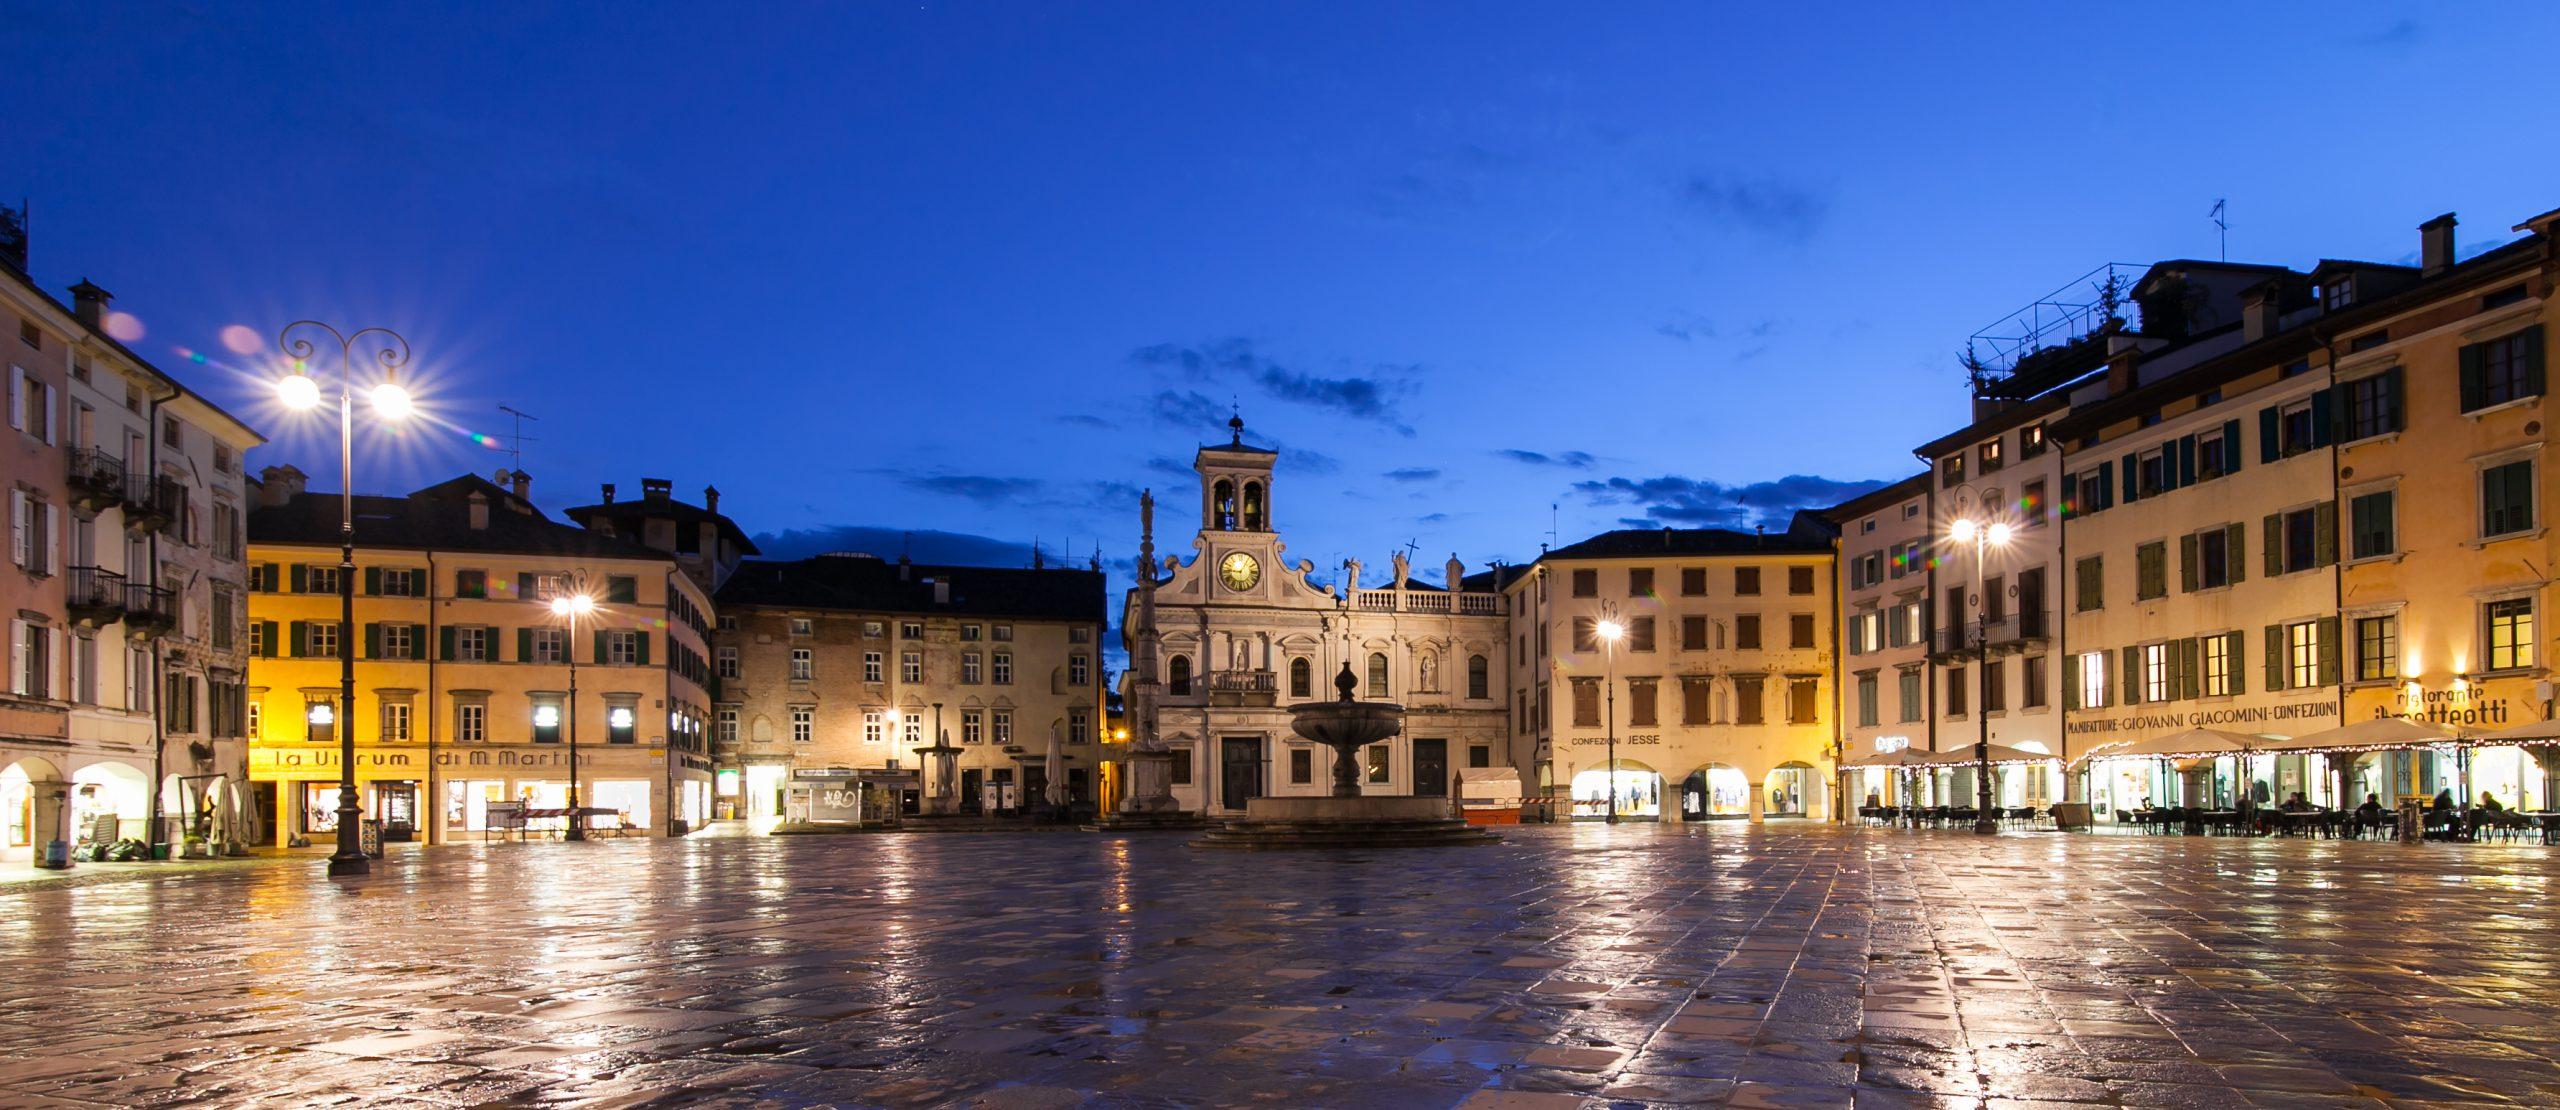 Udine mit dem Rad erkunden und bedeutende Bauten der späten Gotik und Renaissance bewundern